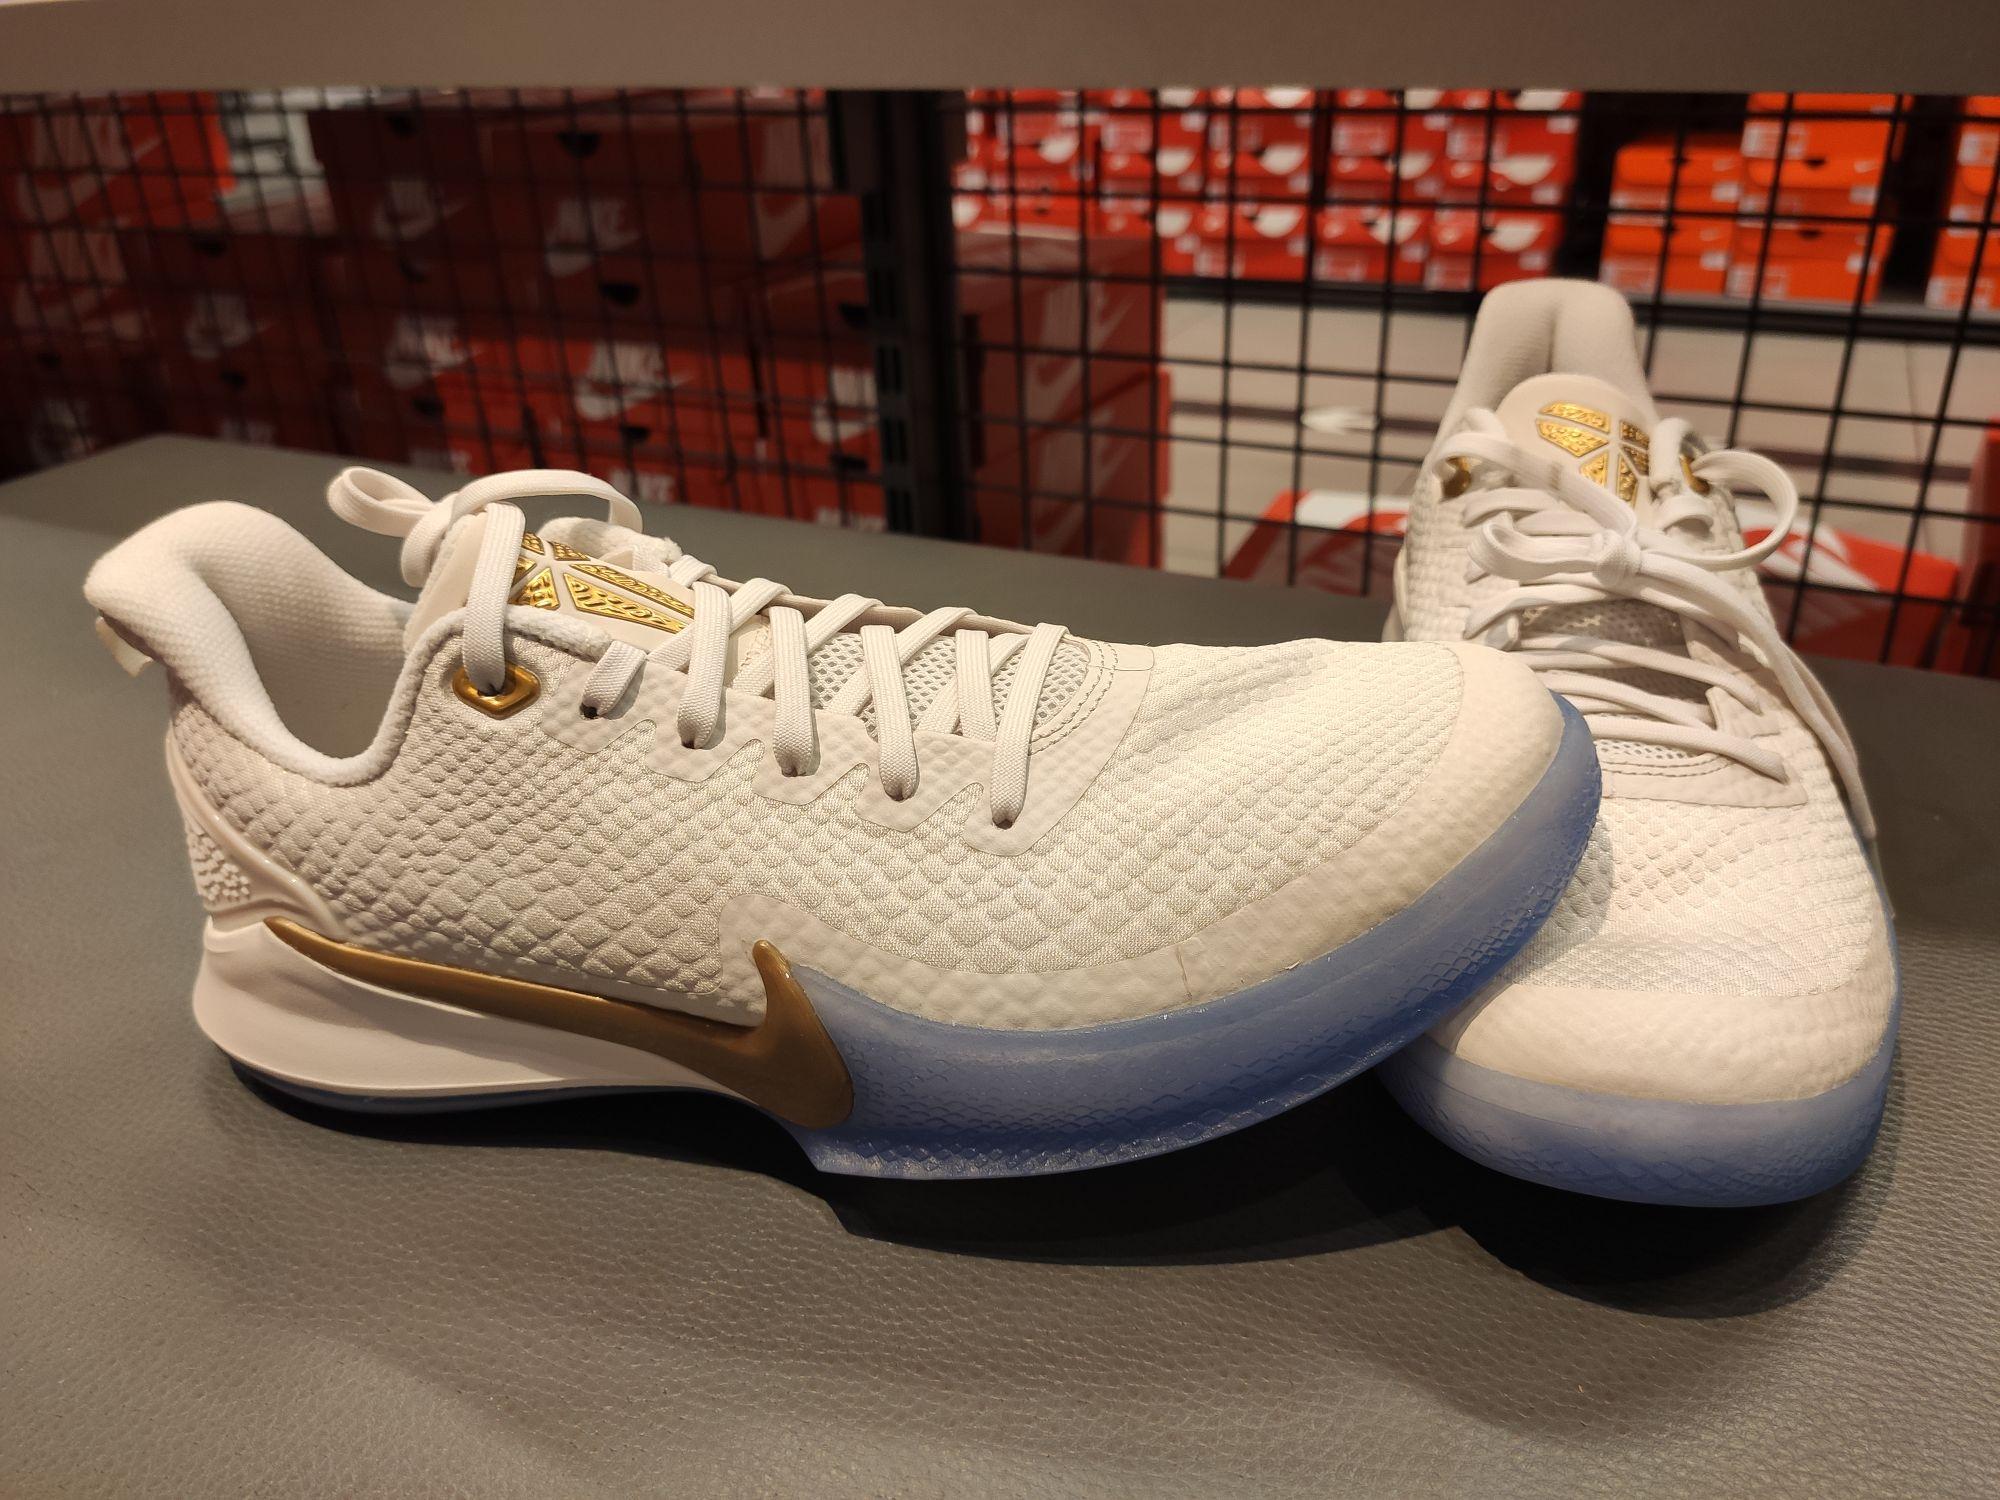 Zapatillas baloncesto mamba focus en tienda Nike Zaragoza (Puerto Venecia)